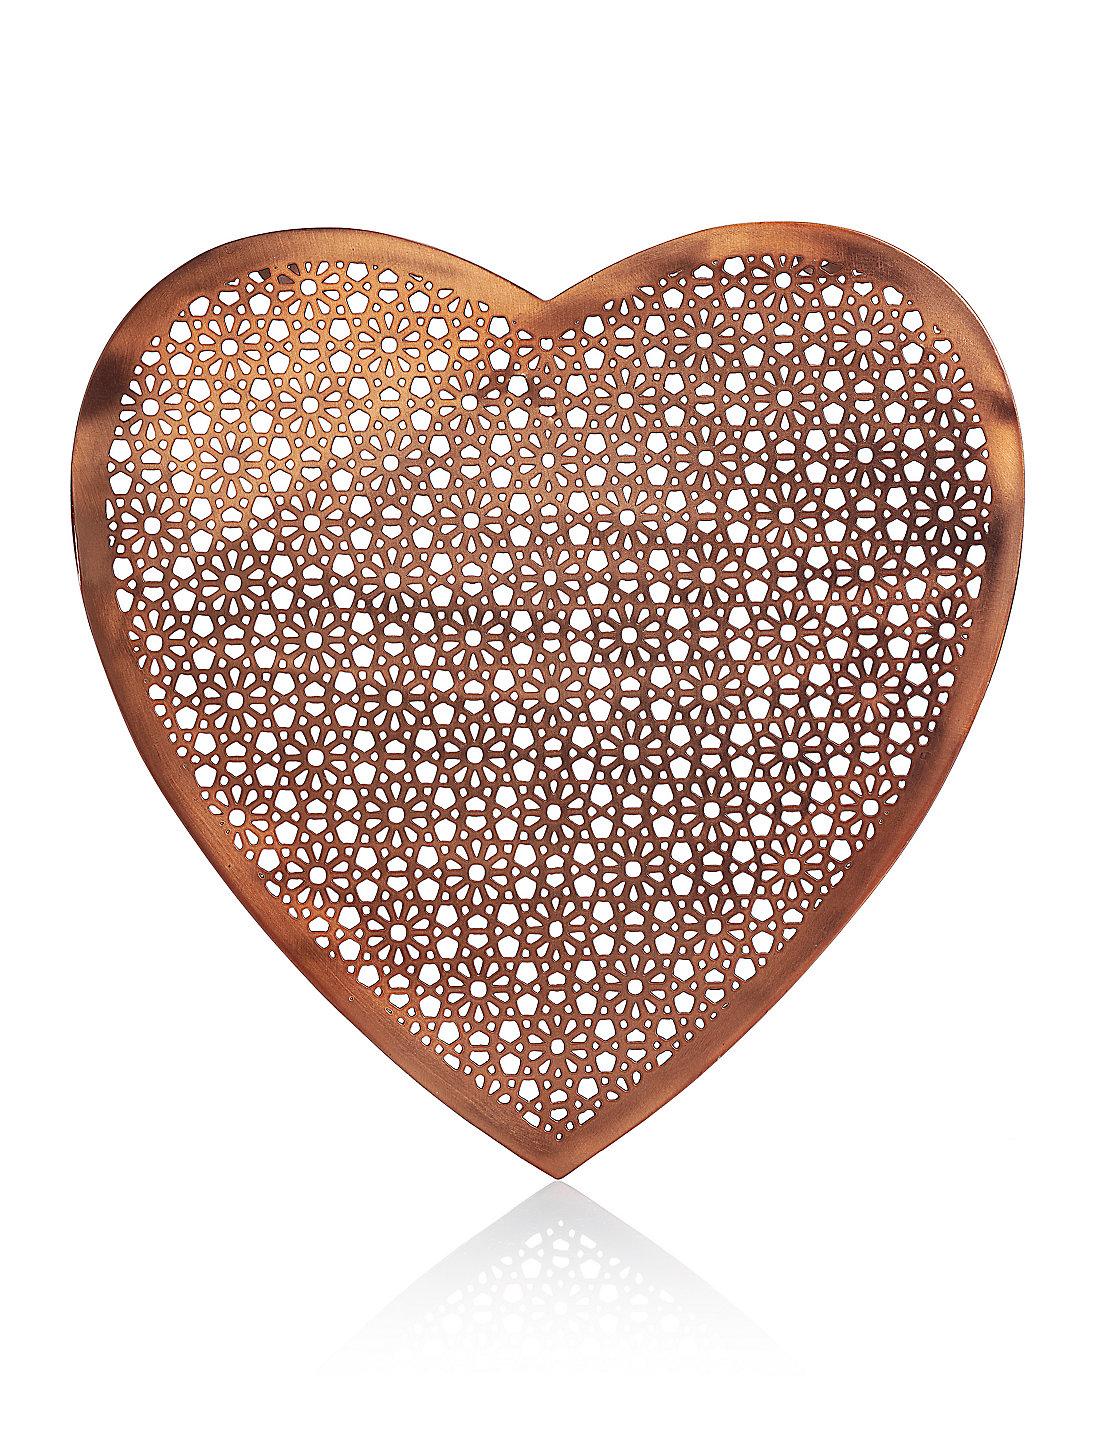 Metal Heart Wall Art Metal Cutout Heart Wall Art  M&s